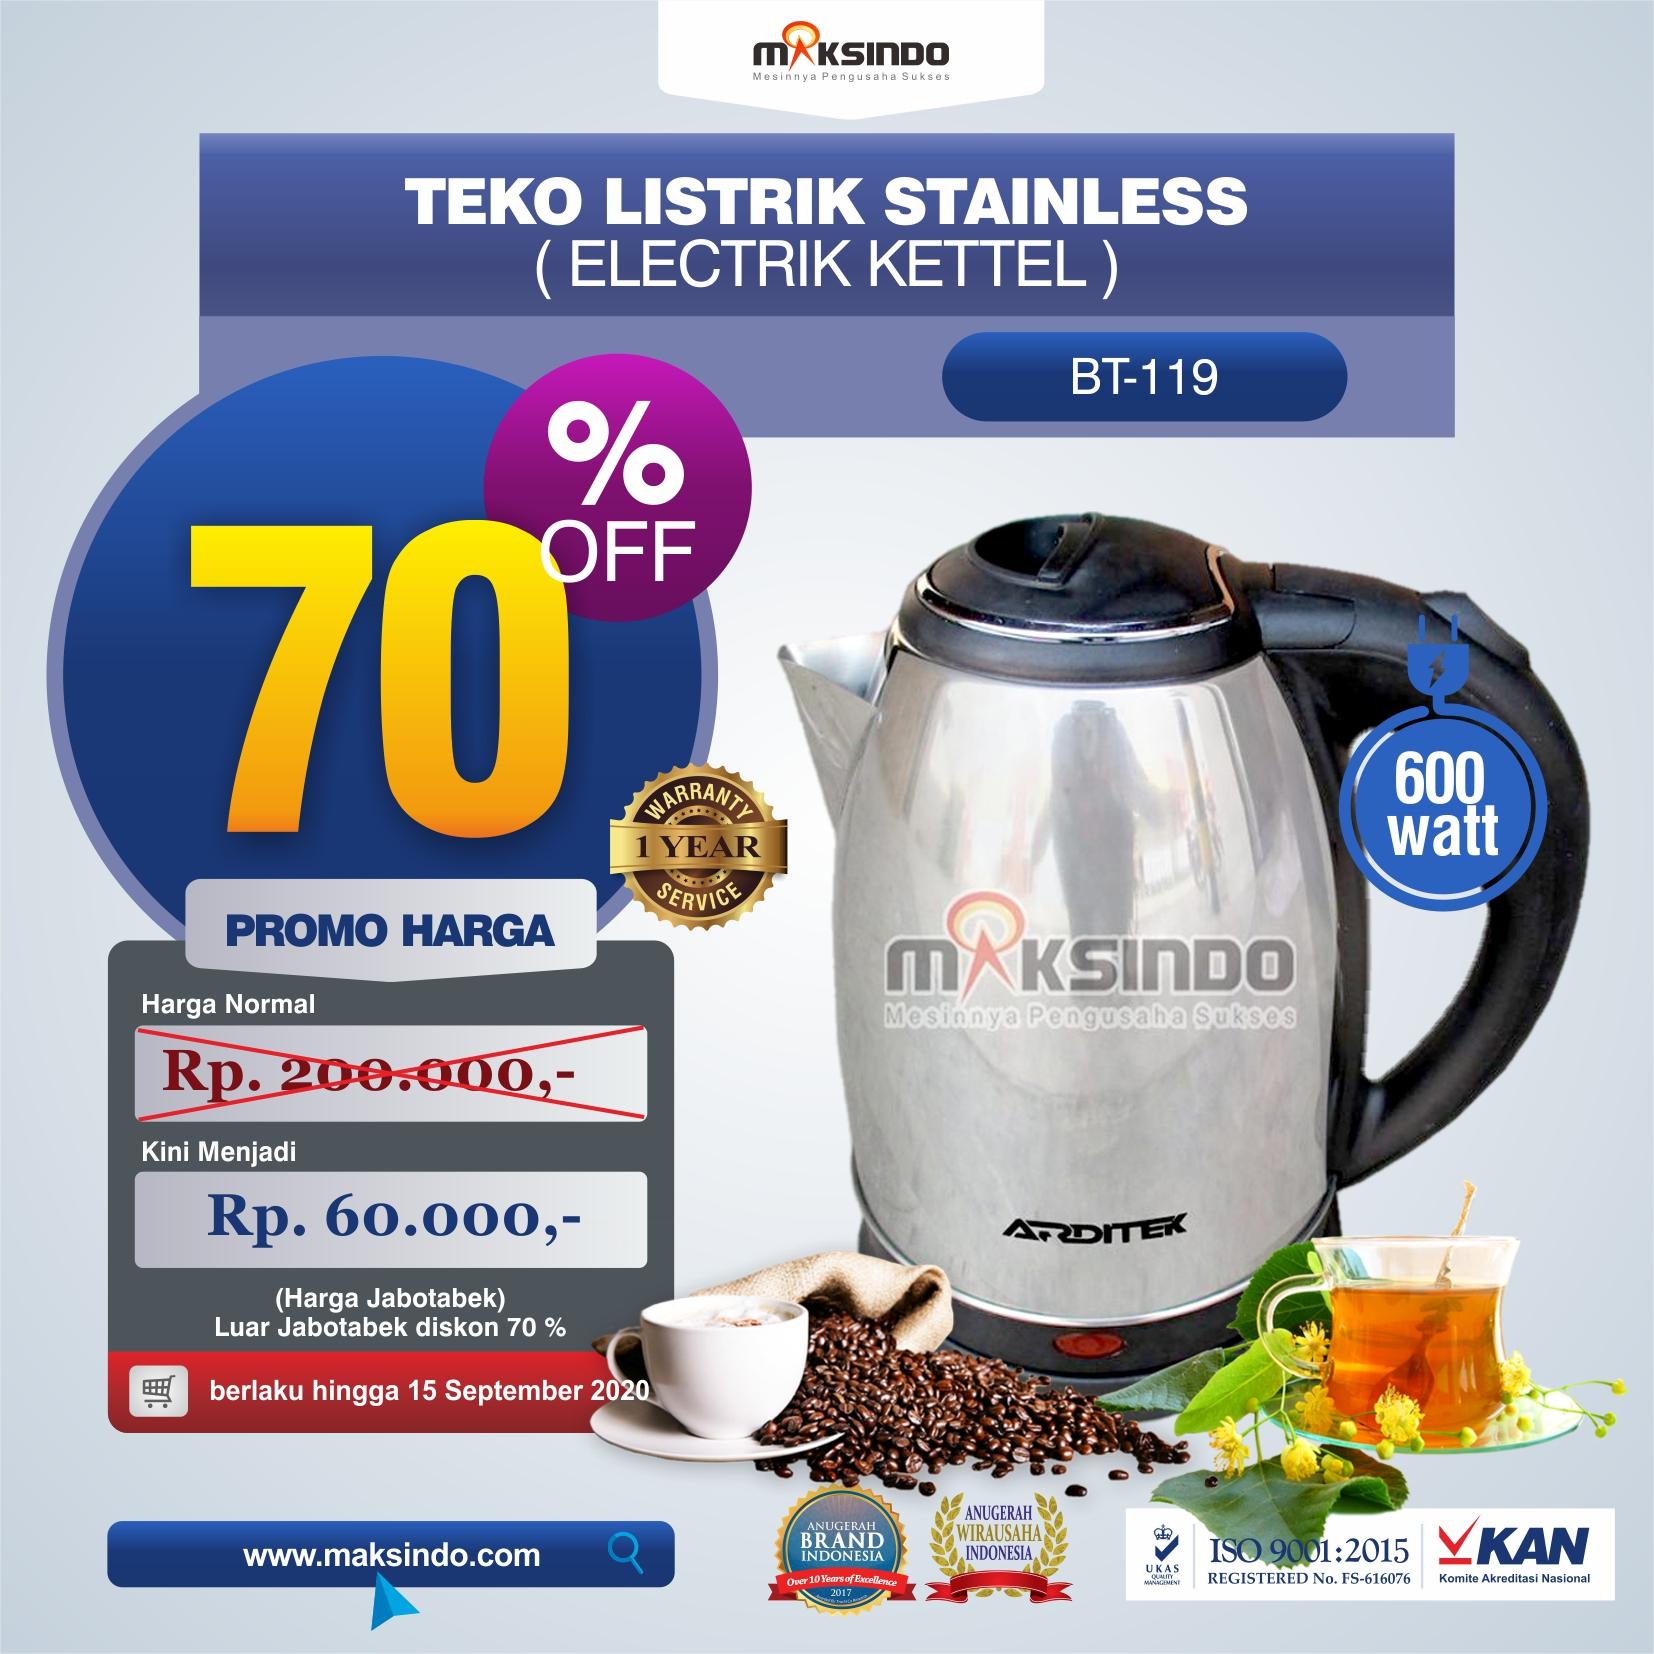 Jual Teko Listrik Stainless (Electrik Kettel) BT-119 di Malang